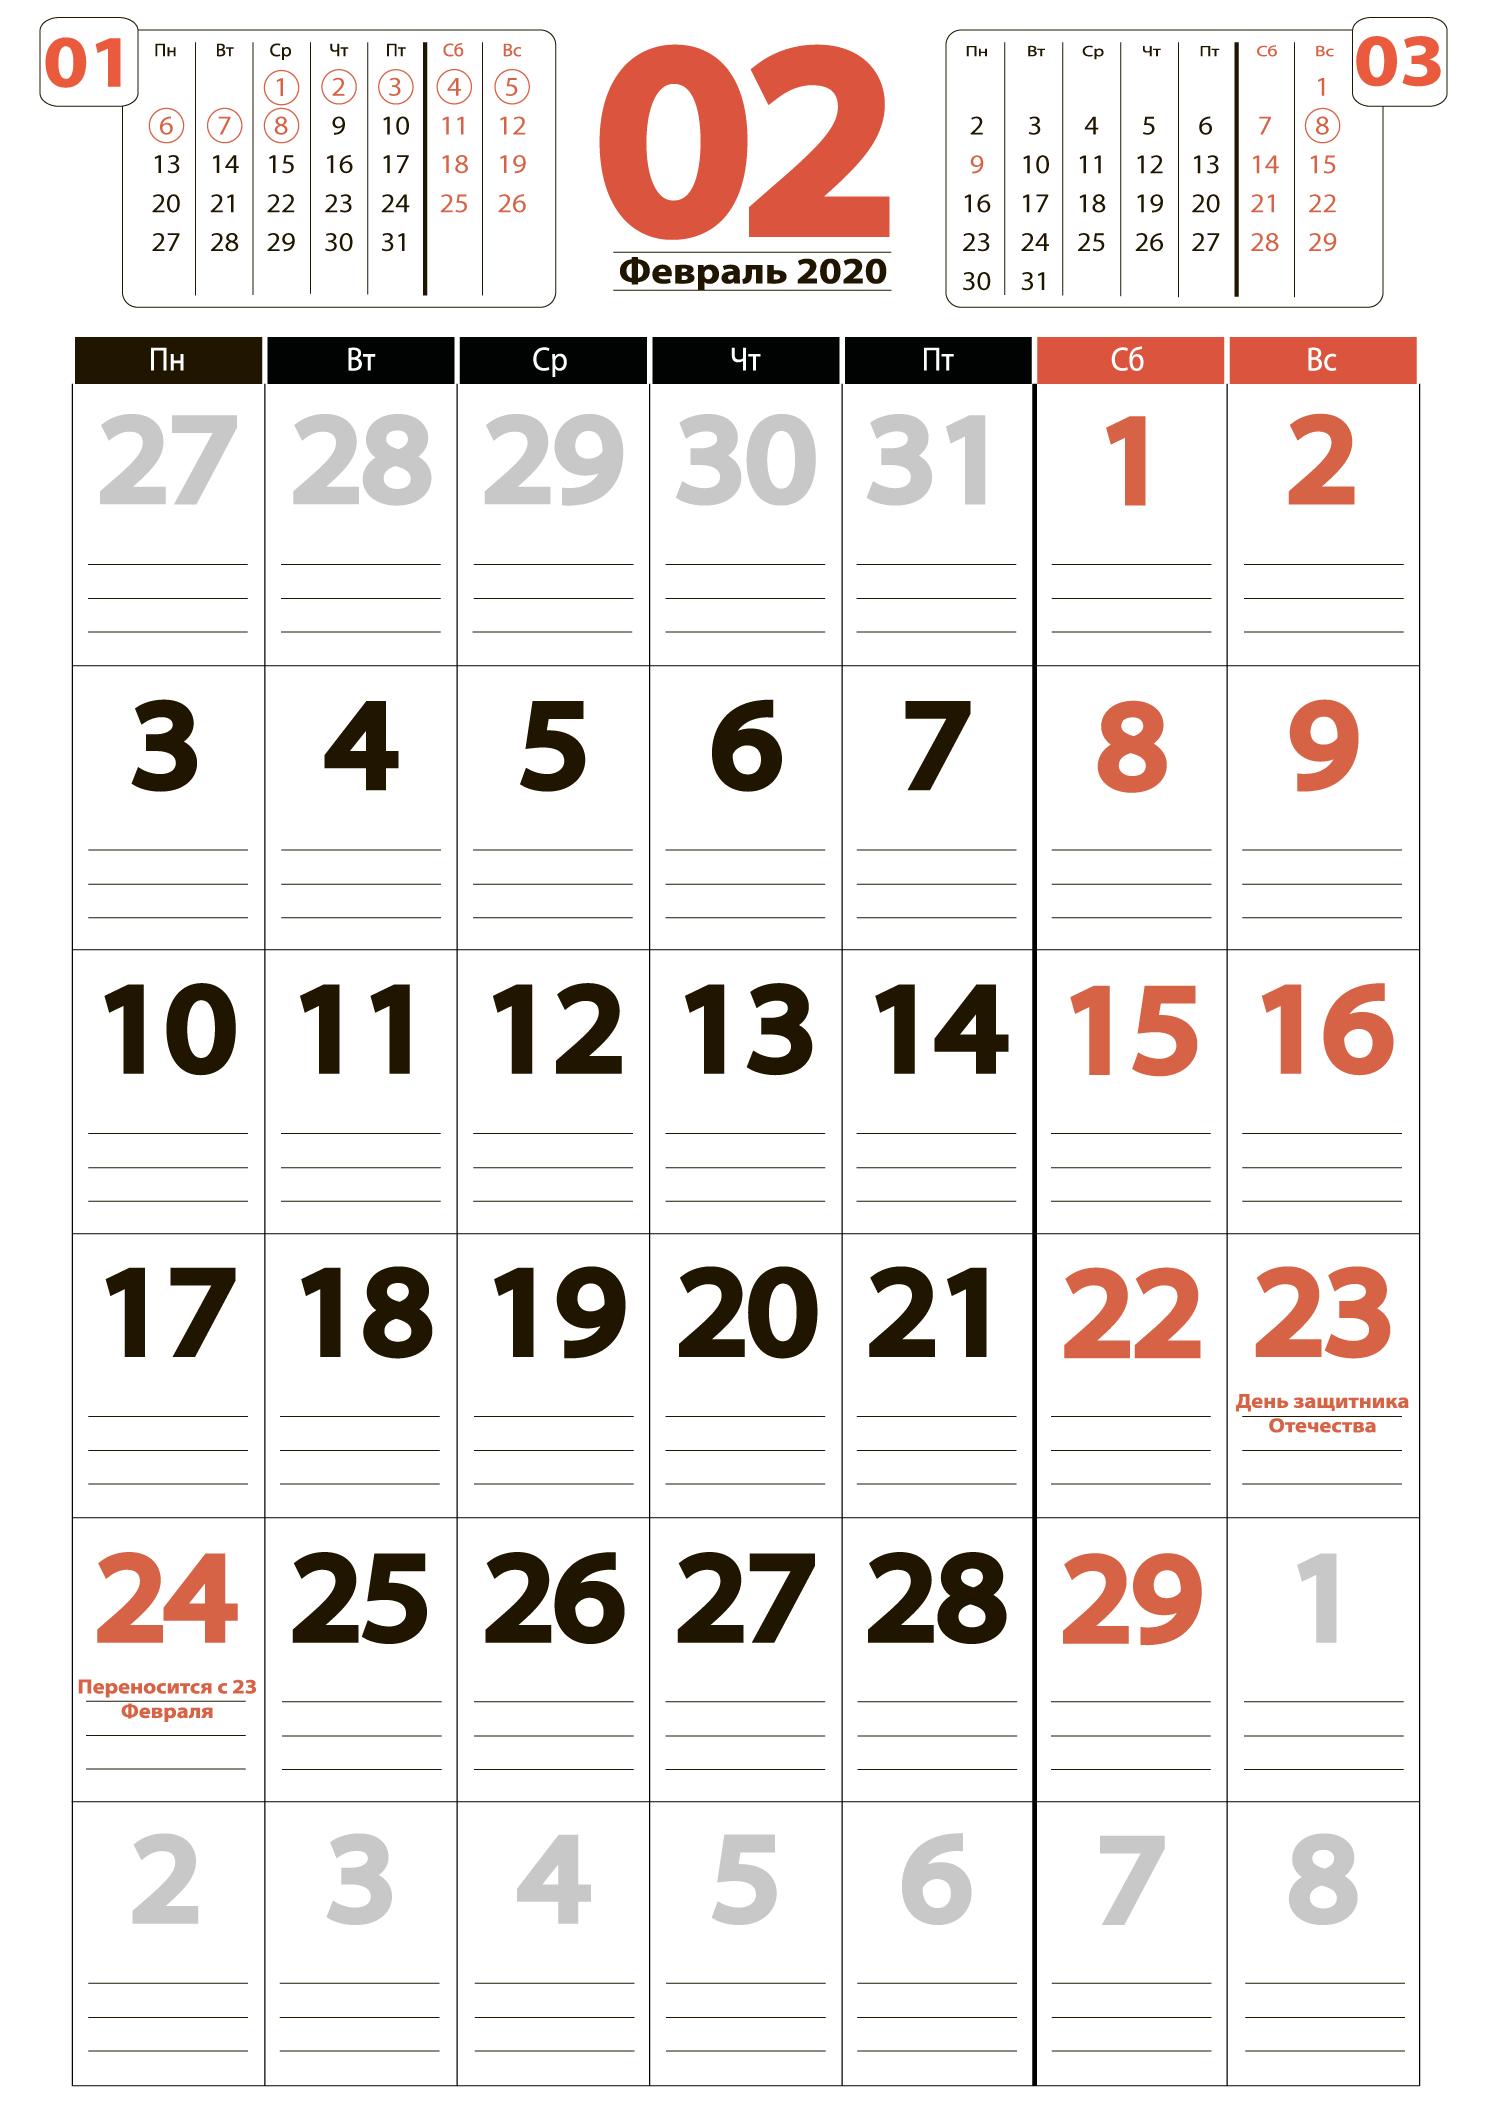 Печать крупного календаря на февраль 2020